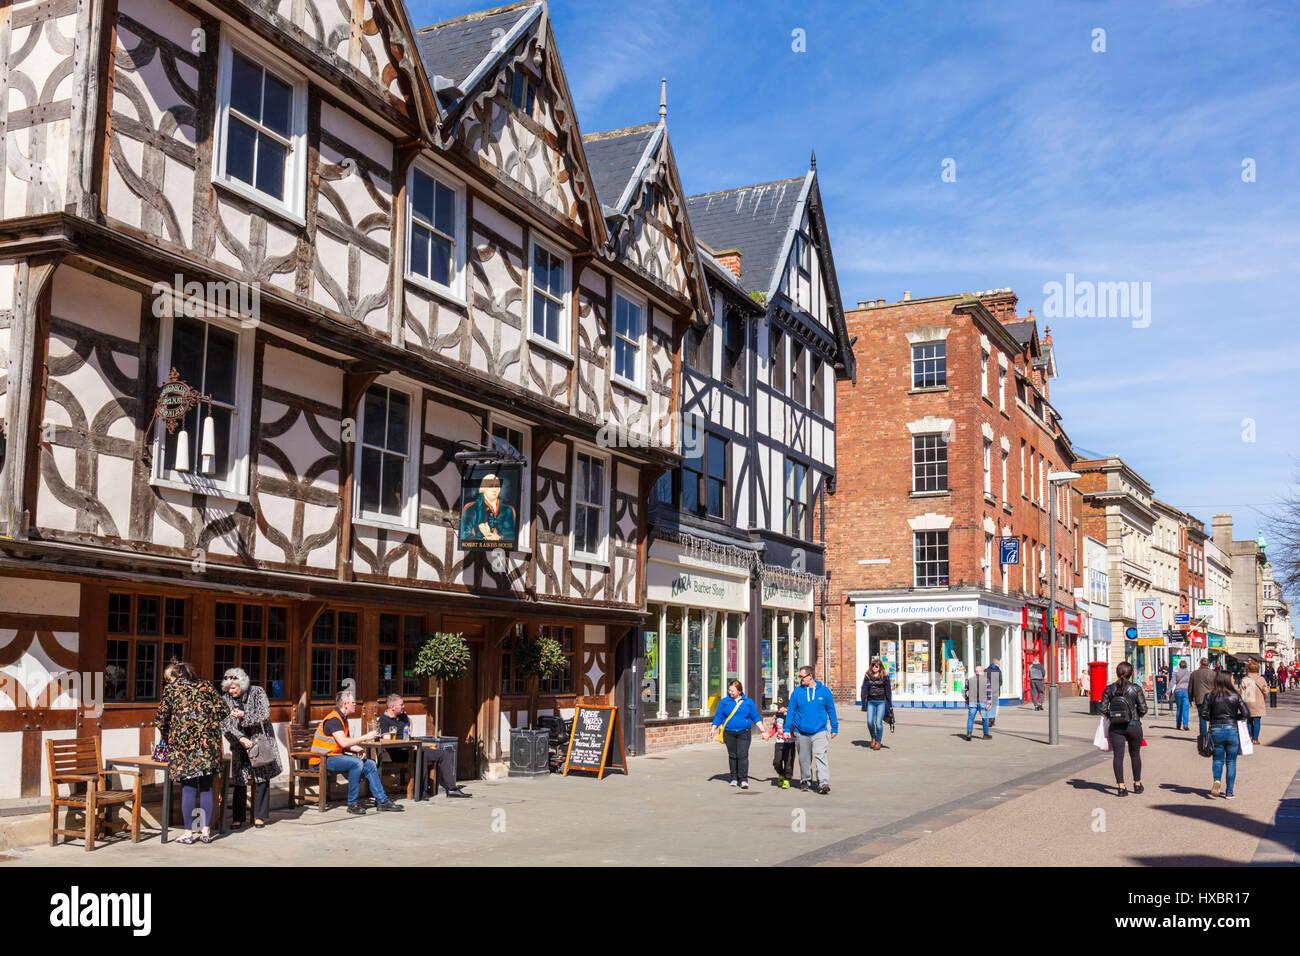 Gloucester city centre GLOUCESTERSHIRE REGNO UNITO pub esterno high street regno unito Immagini Stock